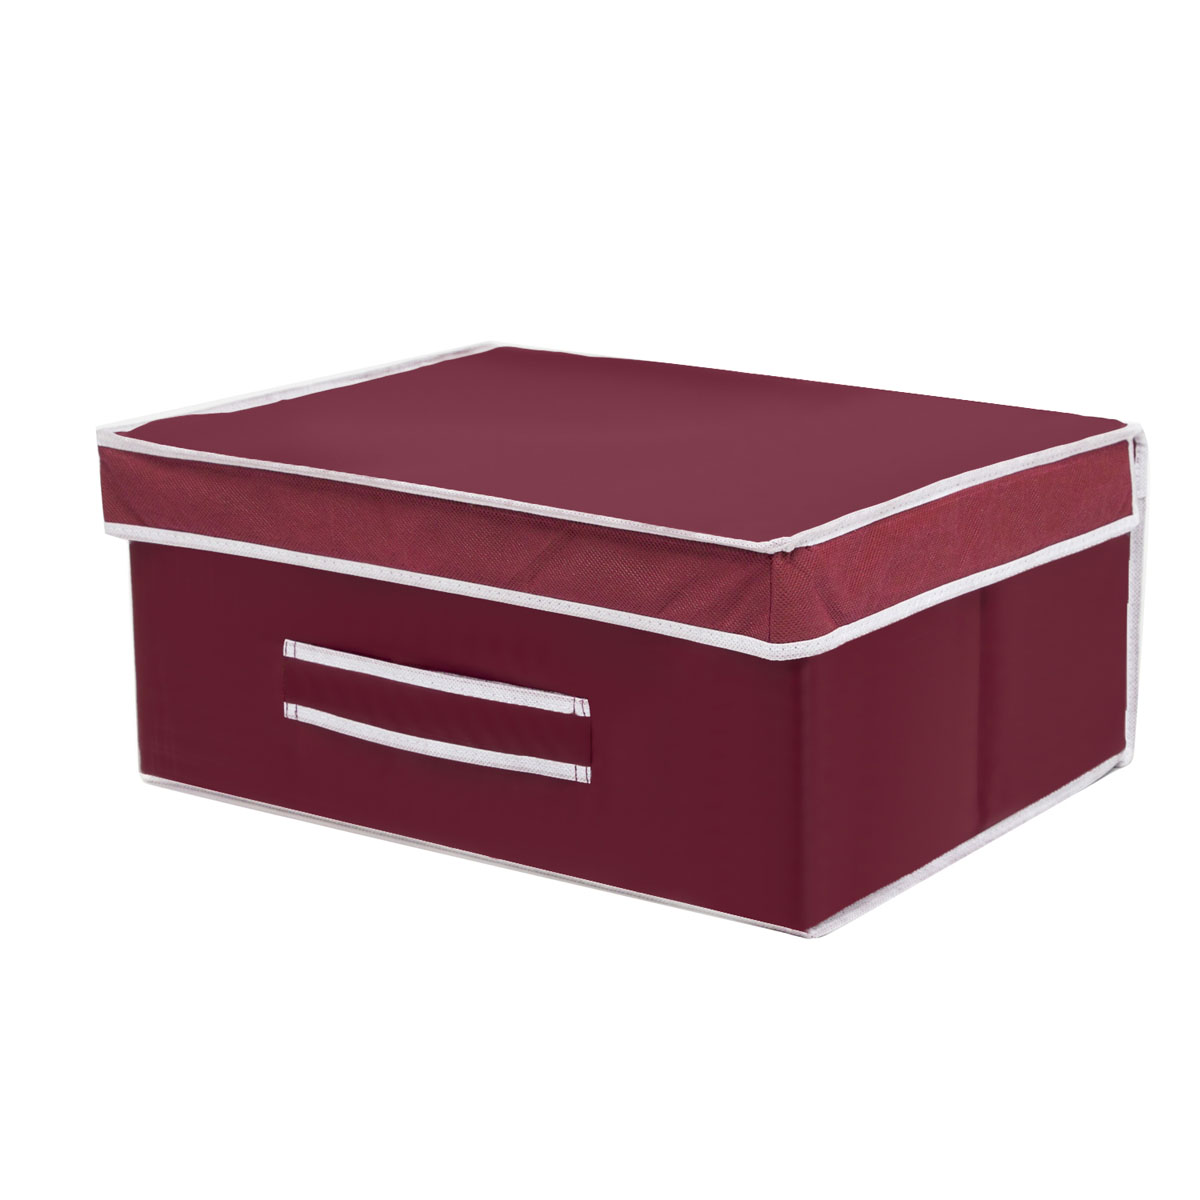 Коробка для хранения Homsu Red Rose, 45 х 37 х 20 смHOM-10Вместительная коробка для хранения Homsu Red Rose выполнена из плотного картона. Изделие обладает удобным размером и привлекательным дизайном, выполненным в приятной цветовой гамме. Внутри коробки можно хранить фотографии, ткани, принадлежности для хобби, памятные сувениры и многое другое. Крышка изделия удобно открывается и закрывается.Коробка для хранения Homsu Red Rose станет незаменимой помощницей в путешествиях.